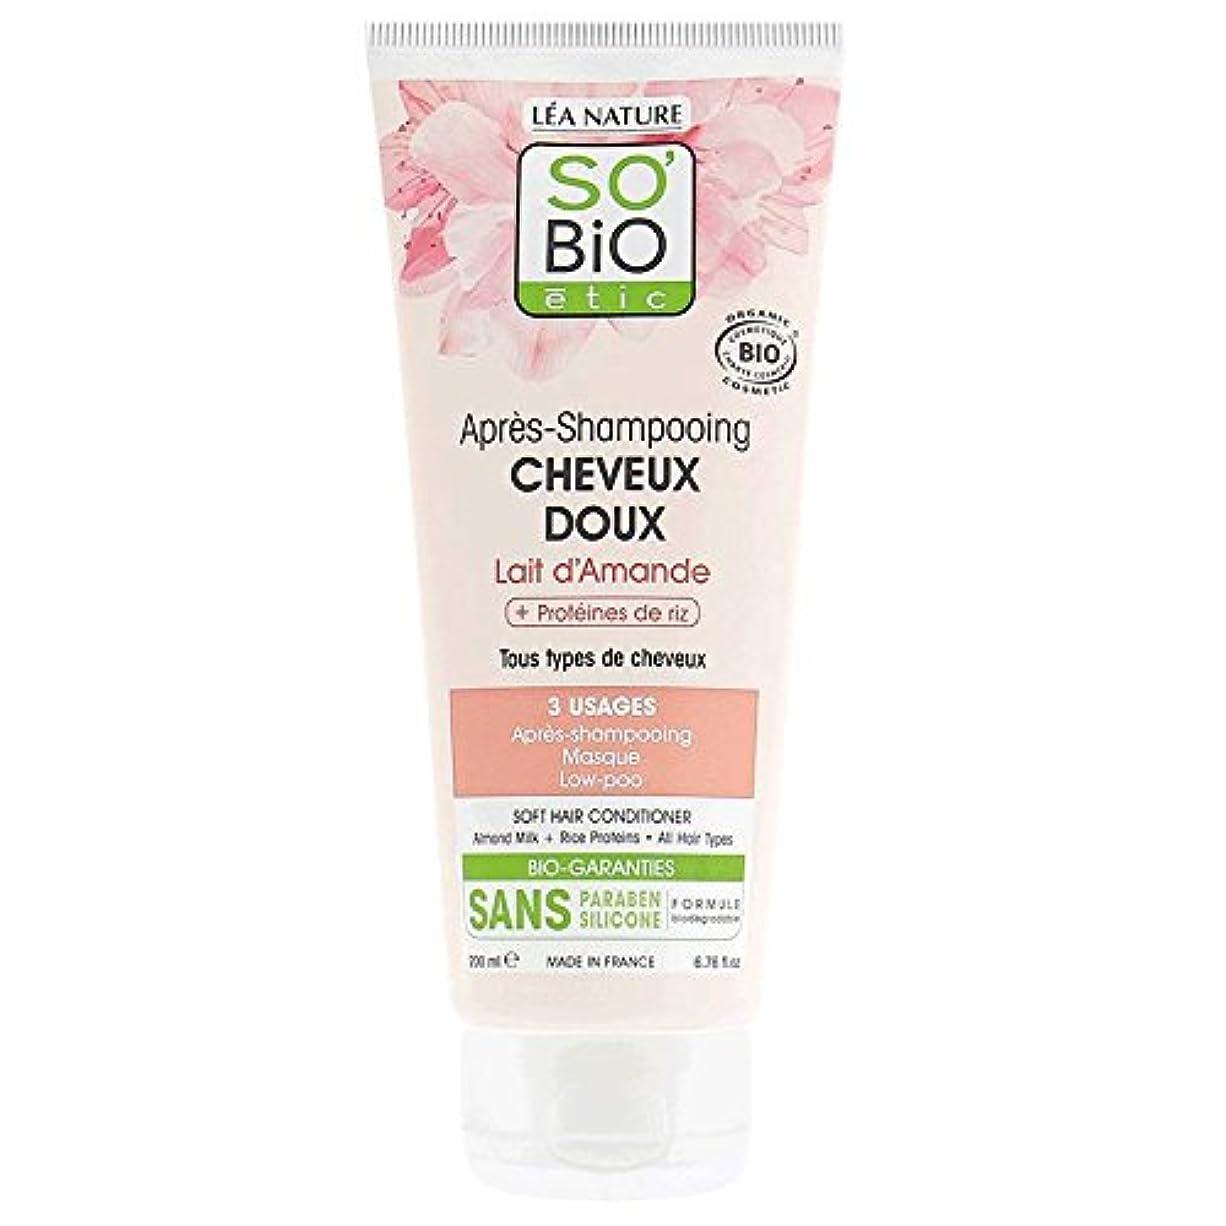 パス家族させるSO 'BIO ETIC - アーモンドミルク&ライスプロテイン入りコンディショナー - すべての髪のタイプに適しています - 保湿 - 髪の扱いやすさを改善します - パラベン&シリコンから無料 - 200 ml